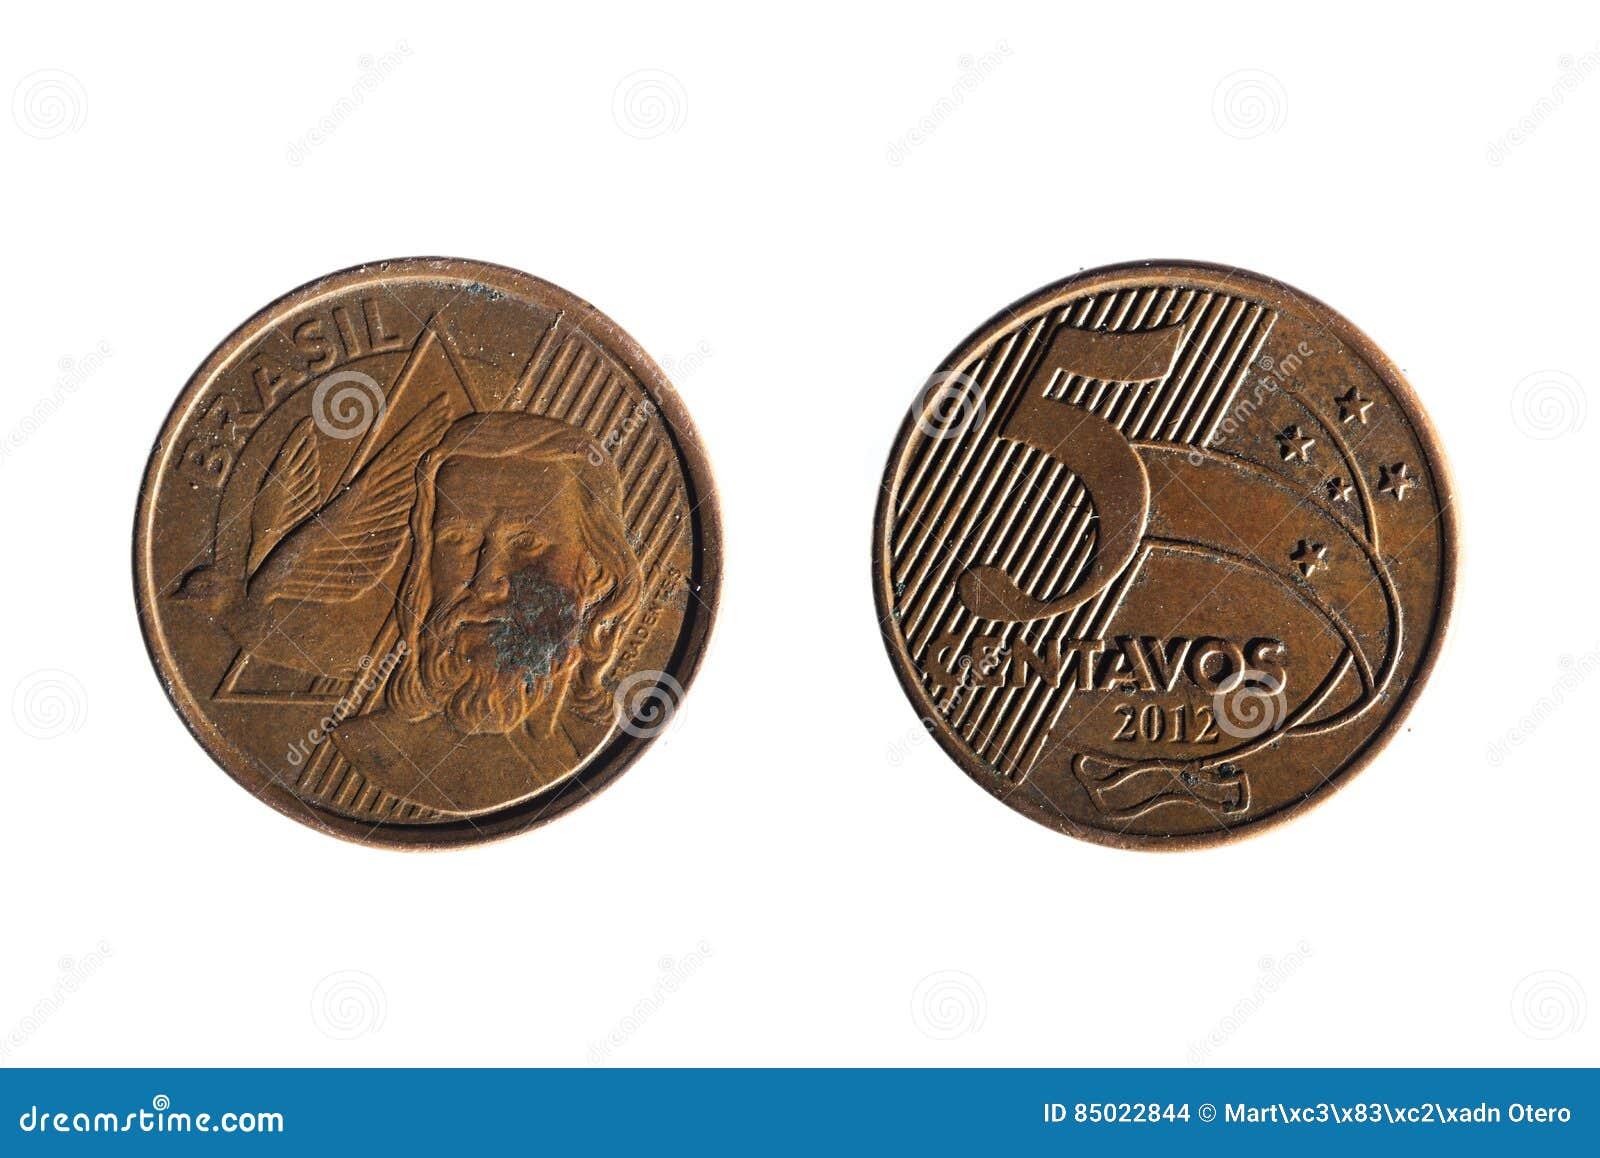 Brasilianische Wirkliche Fünf Cent Münze Stockfoto Bild Von Gold